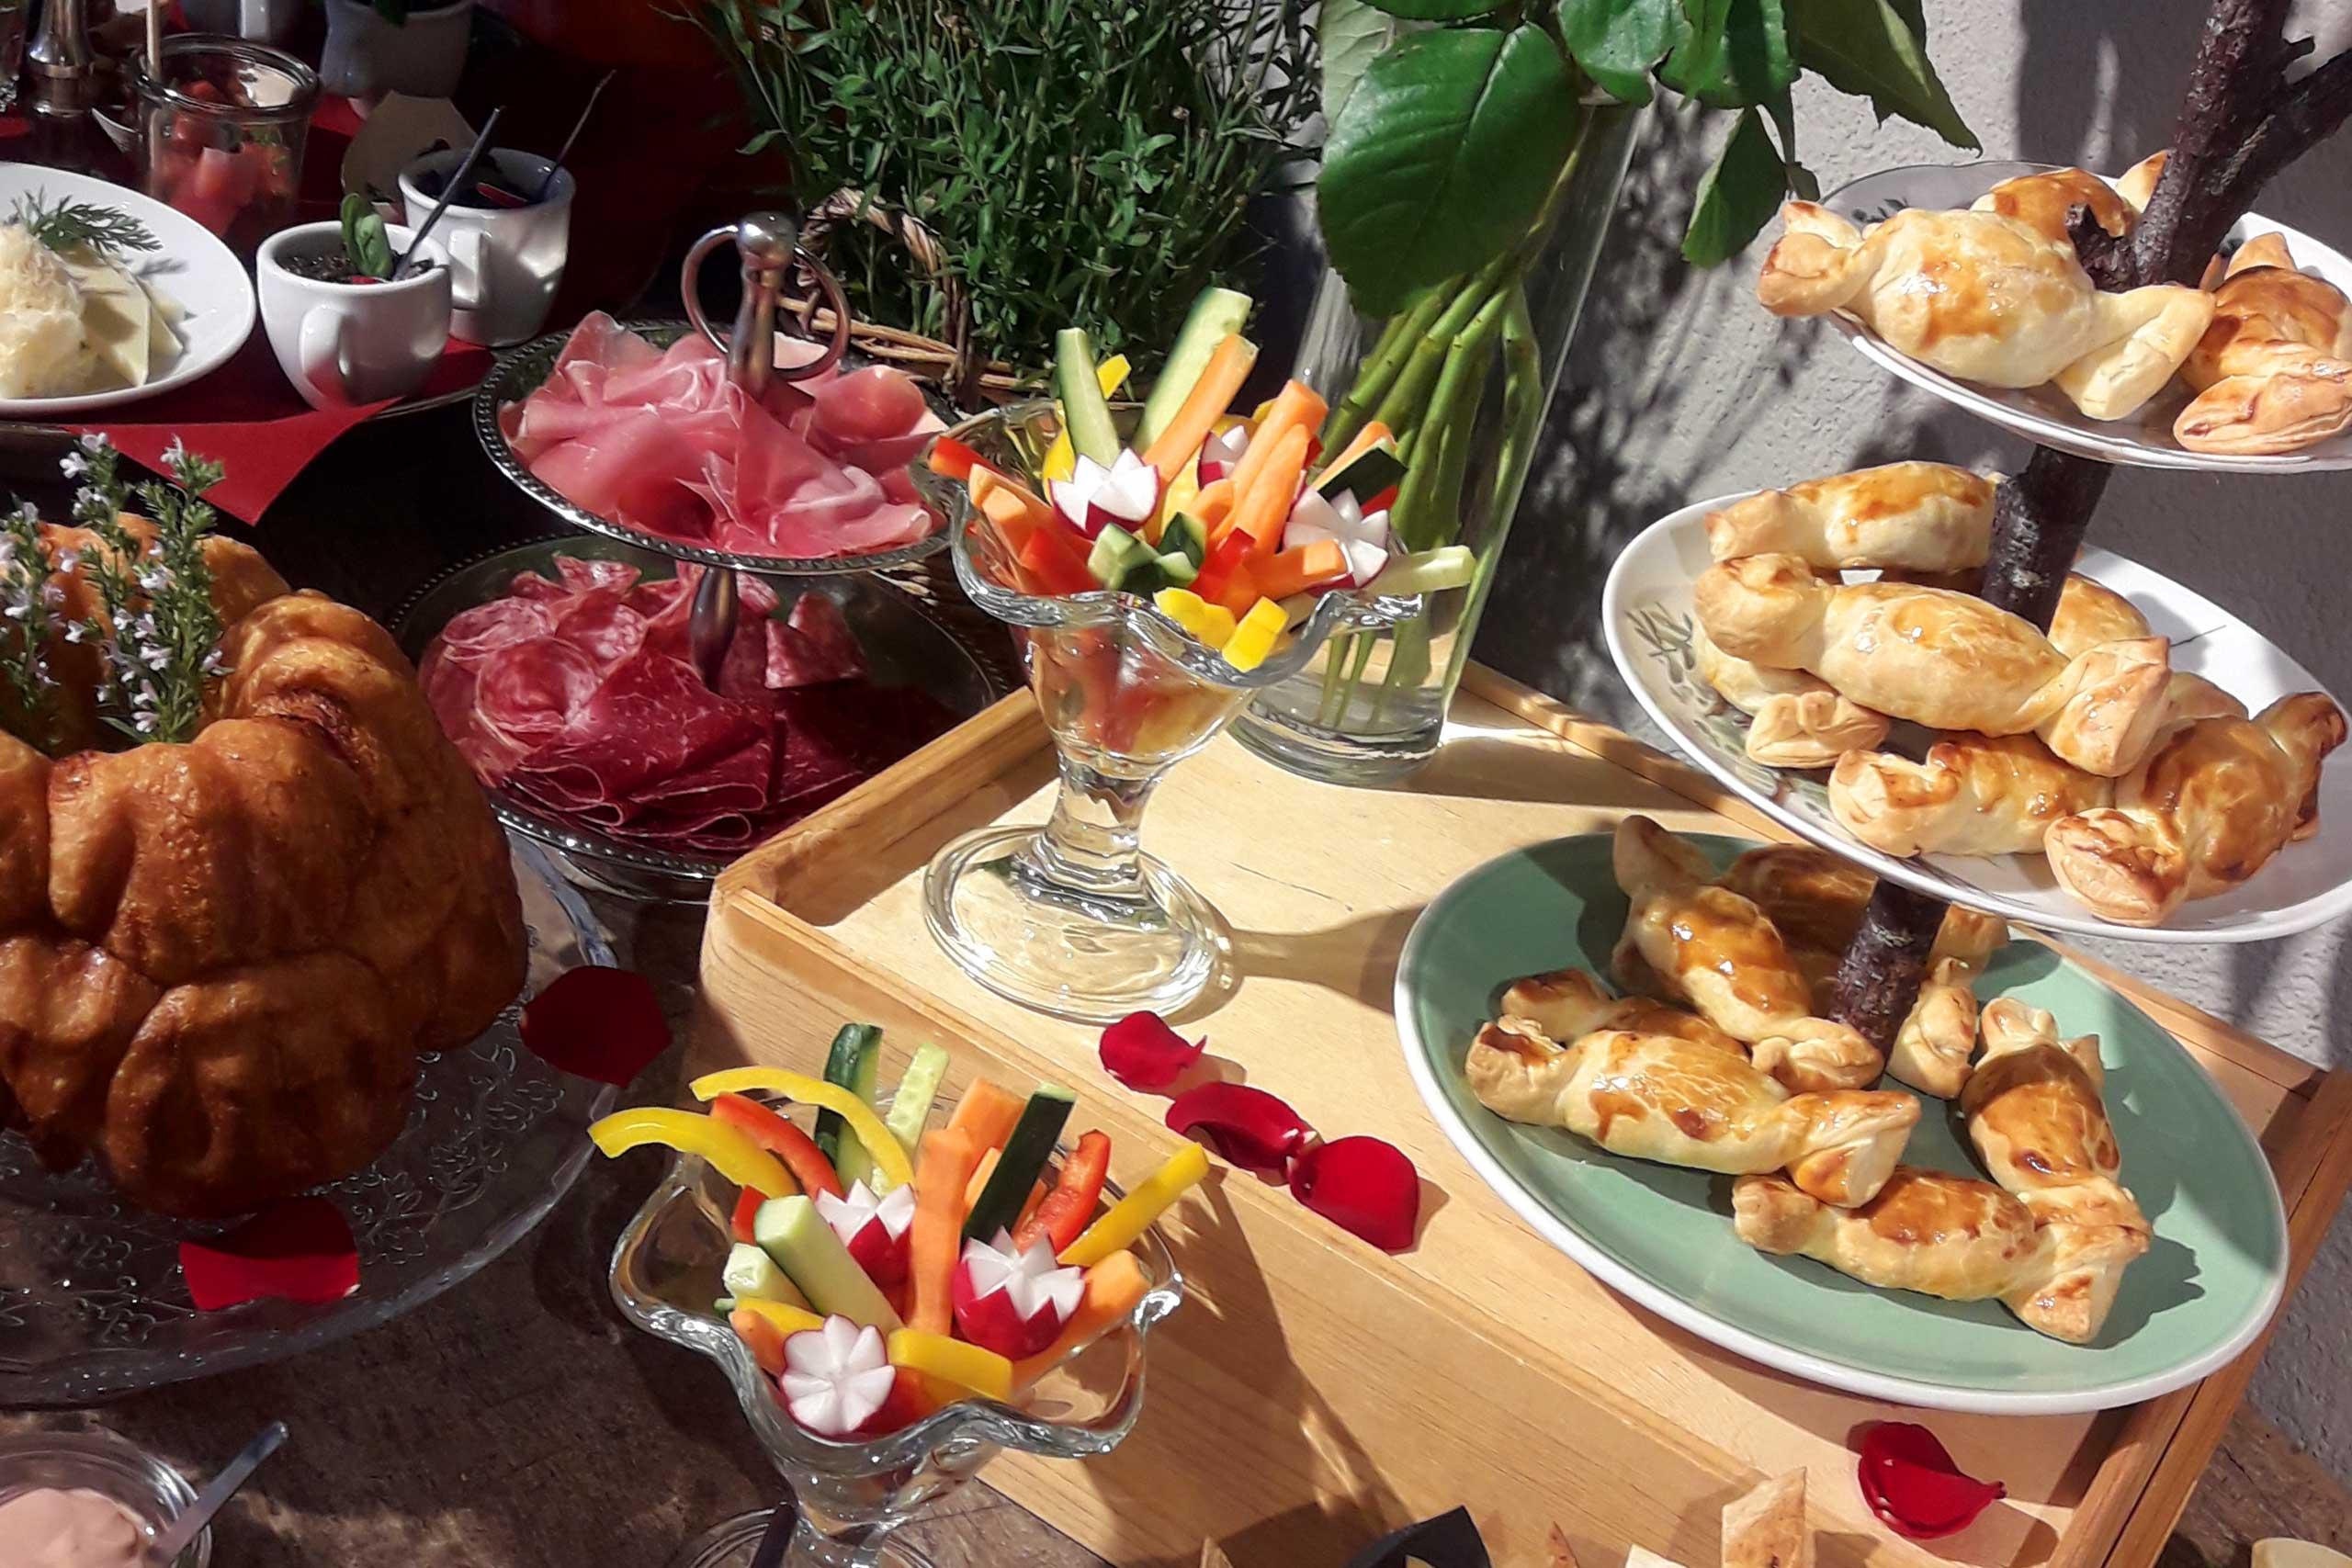 cafe-baeretatze-buffet.jpg